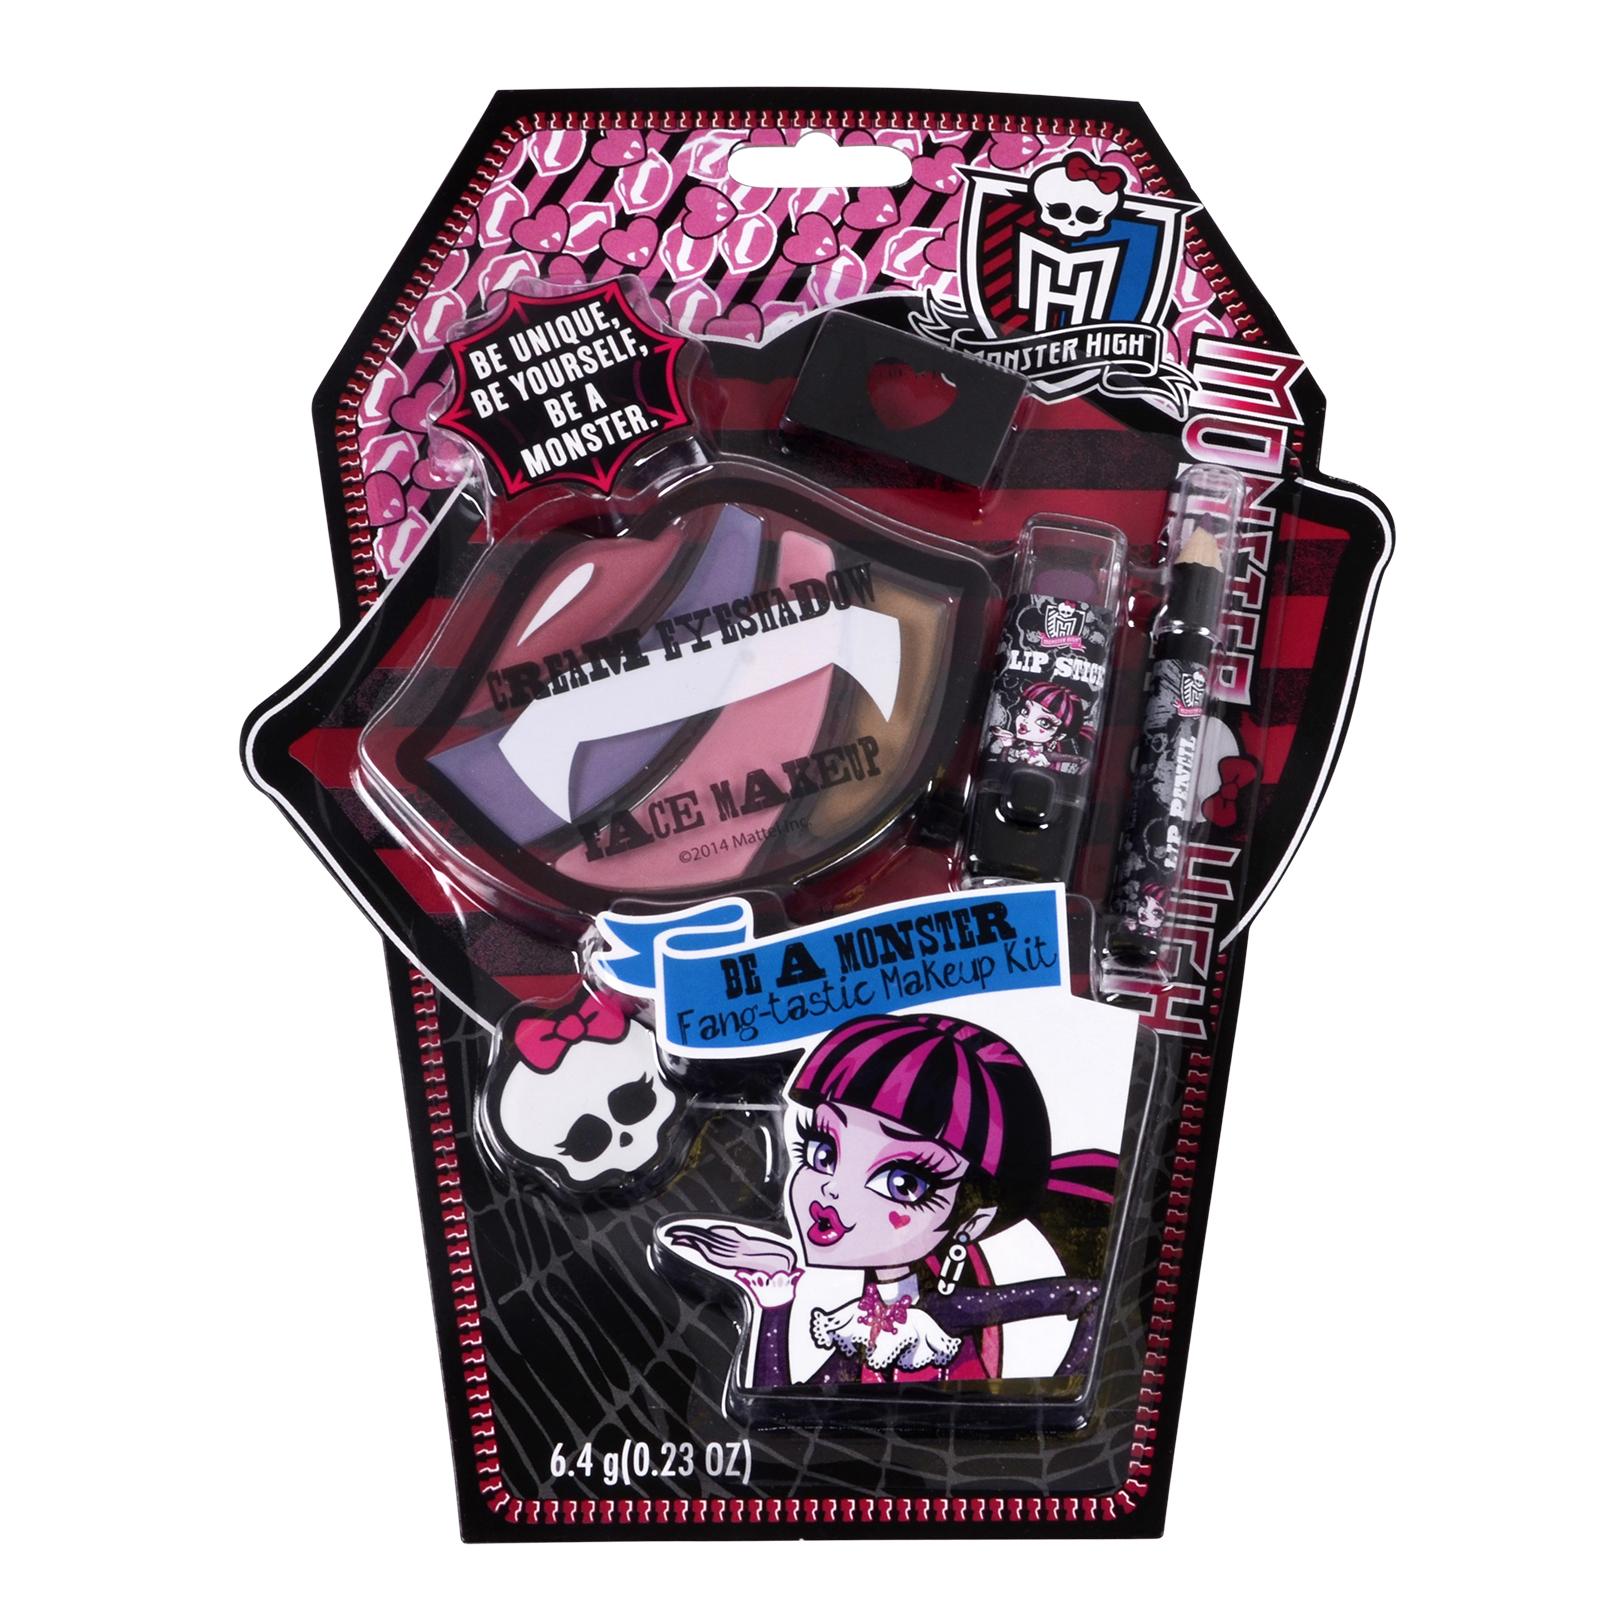 Monster high makeup set